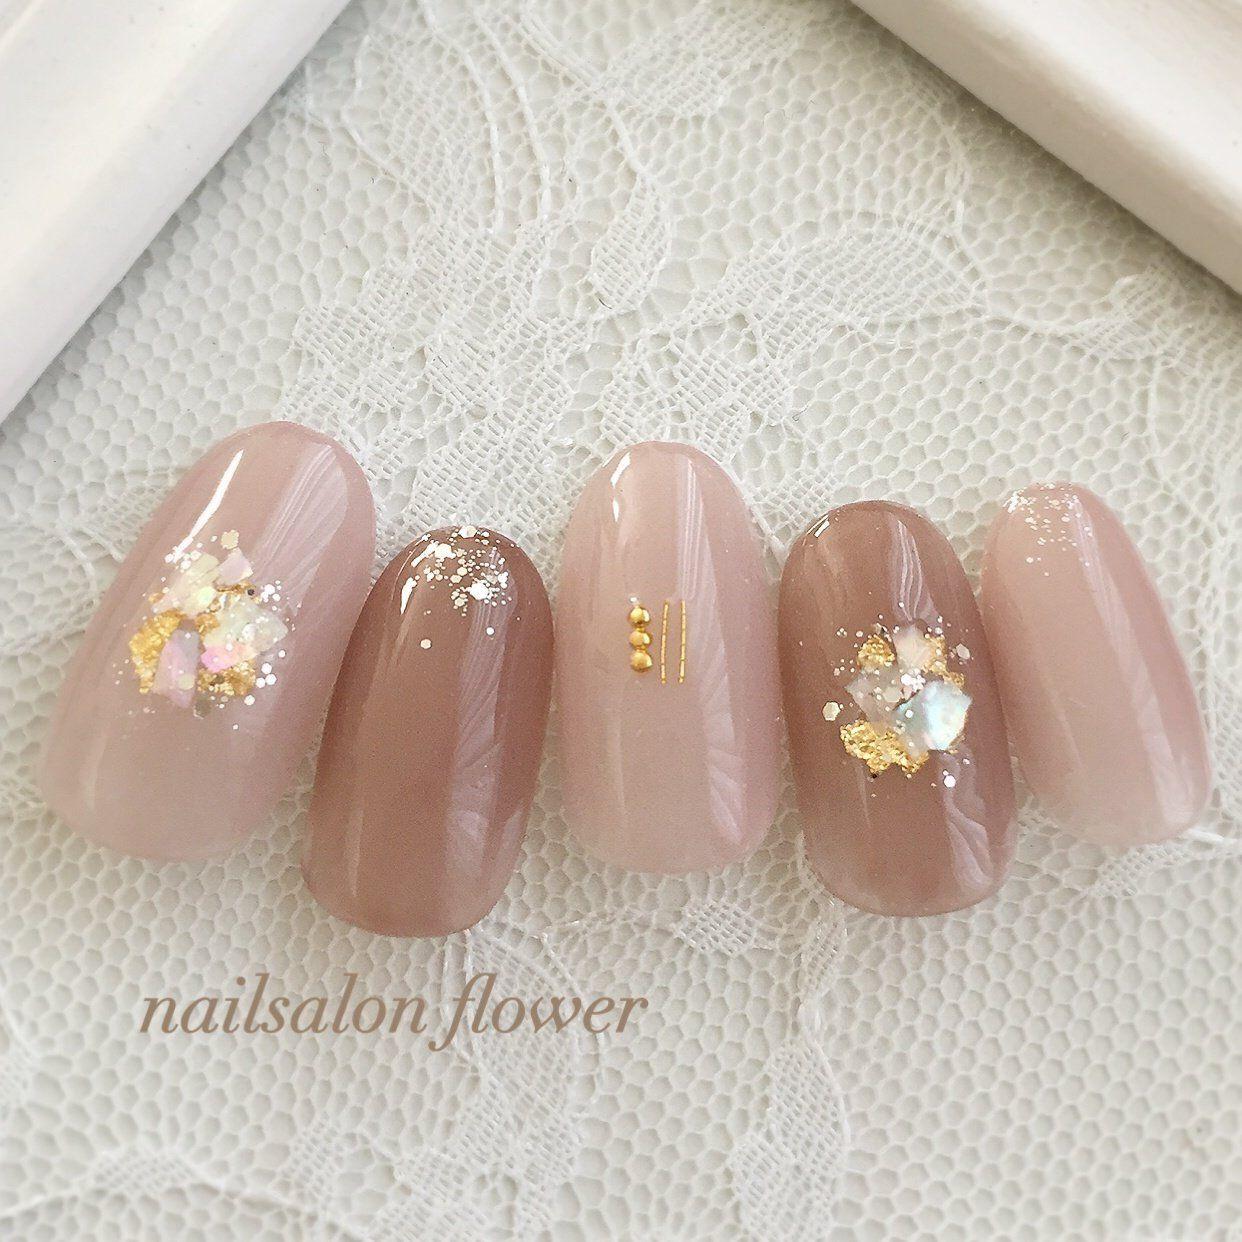 春/夏/ハンド/ベージュ/ピンク , nailsalon flowerのネイル